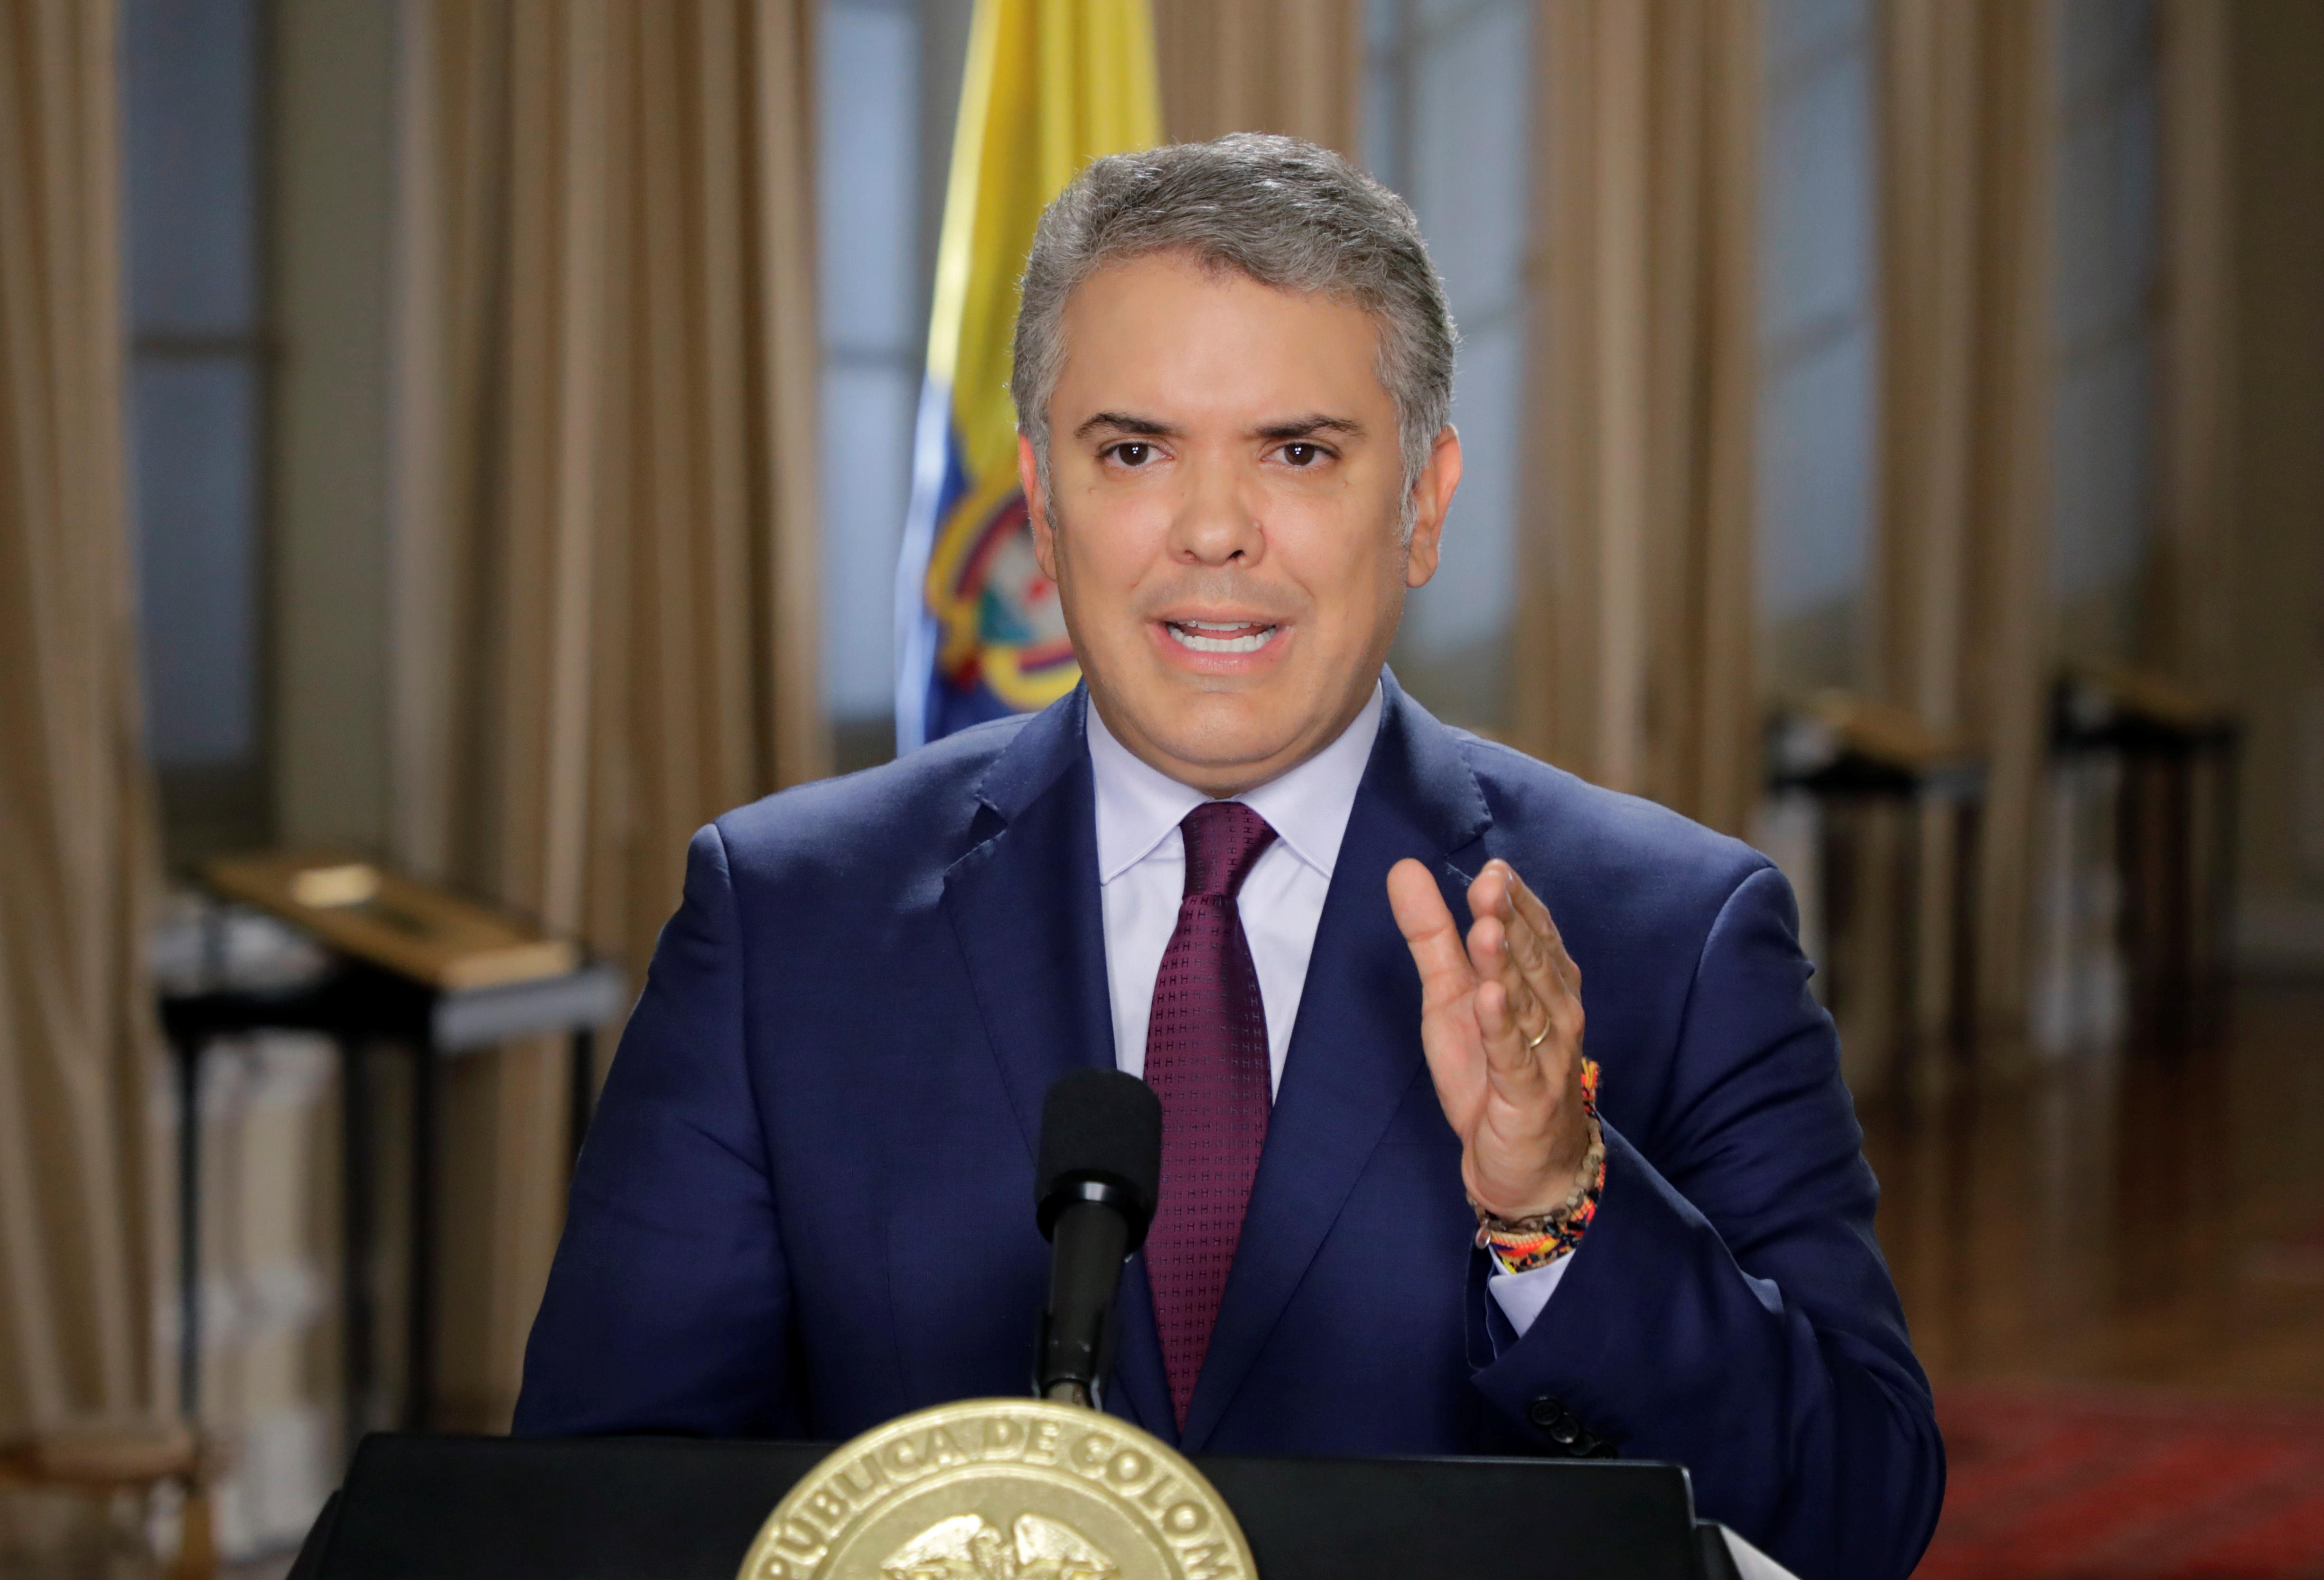 El presidente de Colombia Ivan Duque Marquez durante su alocución en el Palacio de Narino (Presidencia Colombia via REUTERS)